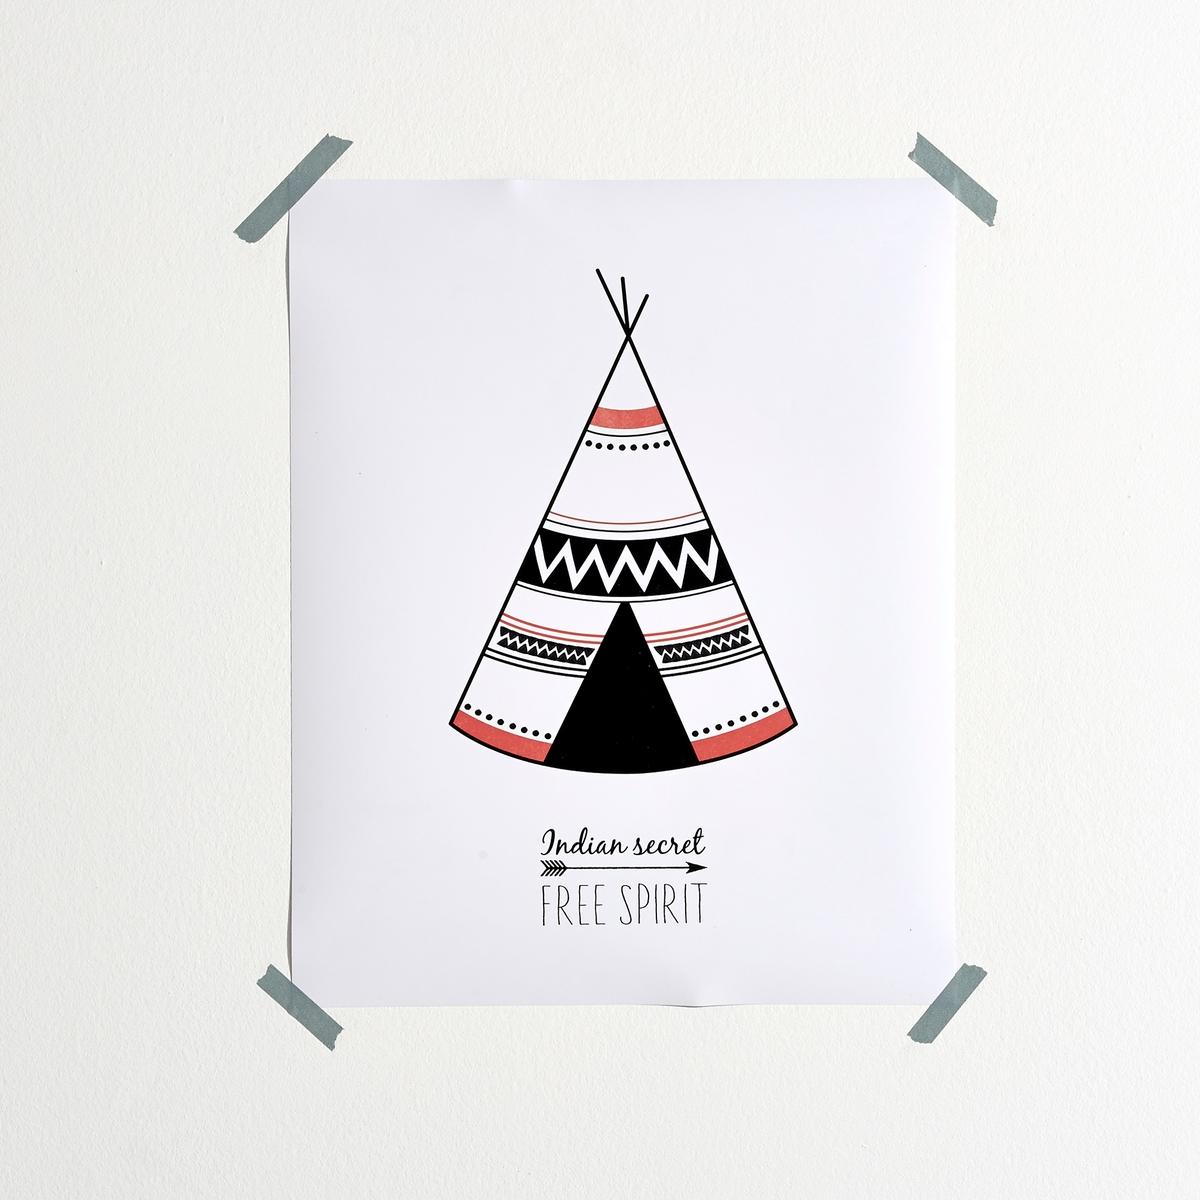 Постер Tipi, POWATANОписание постера Powatan :Изображение вигвама, традиционного жилья северо-американских племен... Характеристики постера Powatan:Принт на бумаге, 170г/м?.Размеры постера Powatan:Ширина : 40 смВысота : 50 см<br><br>Цвет: разноцветный